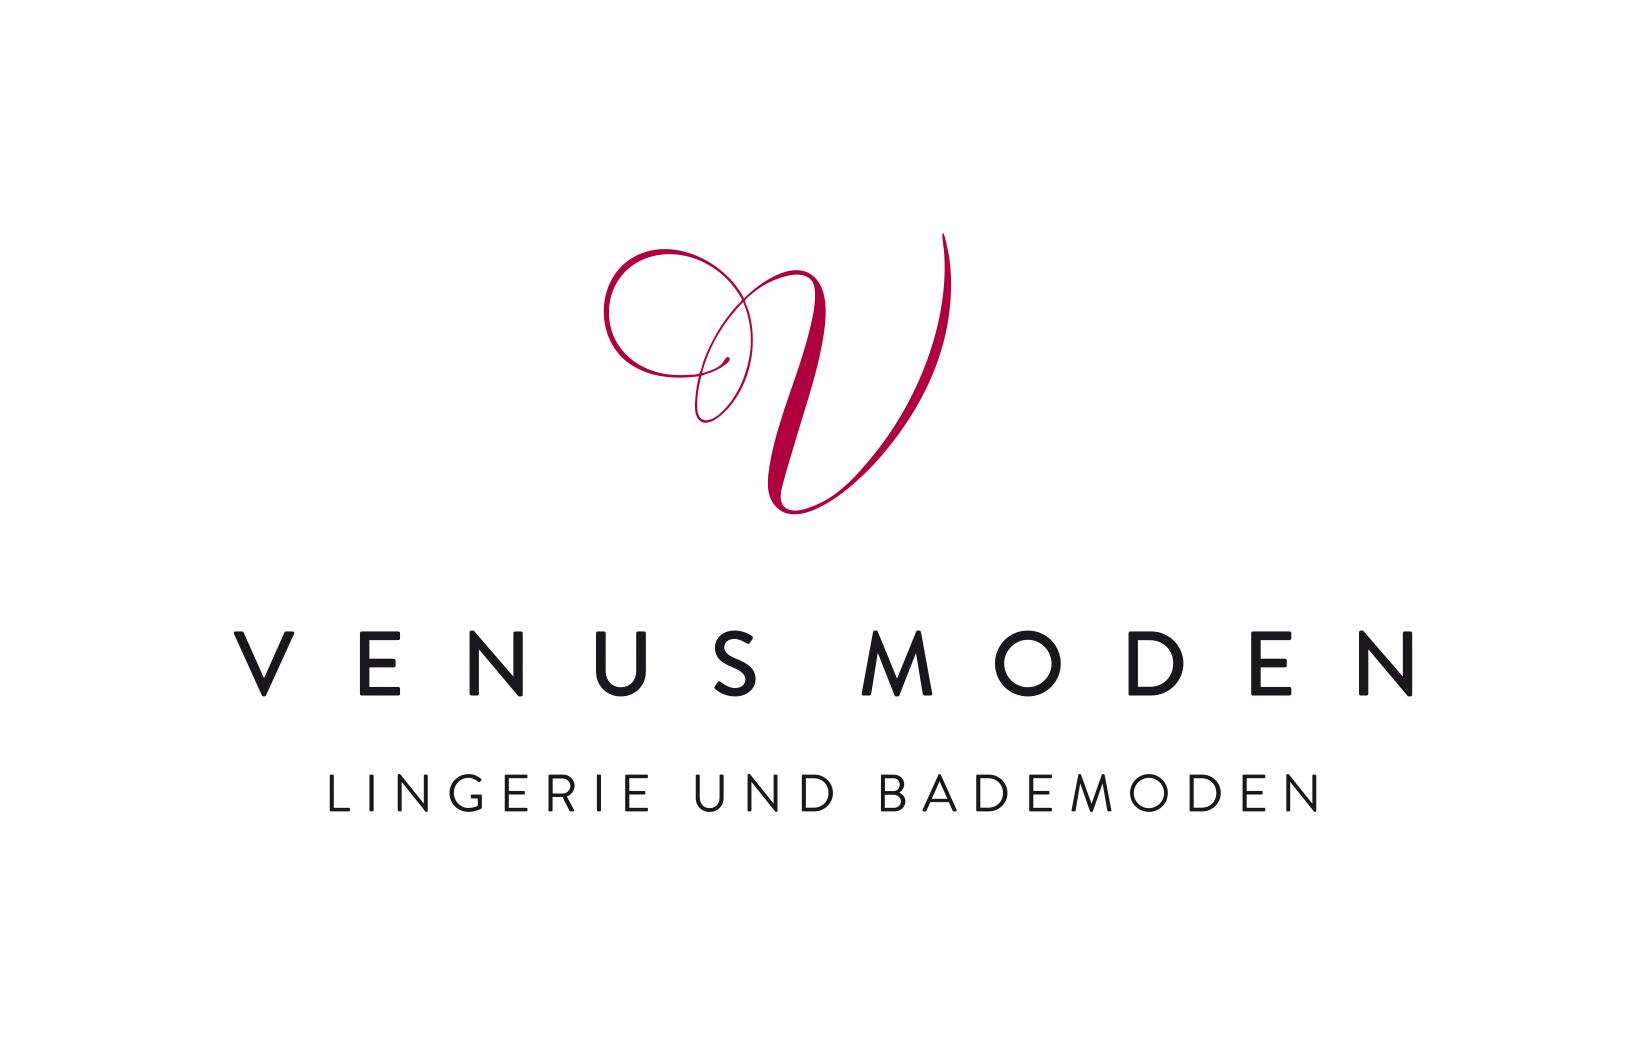 Venus Moden - Lingerie und Bademoden